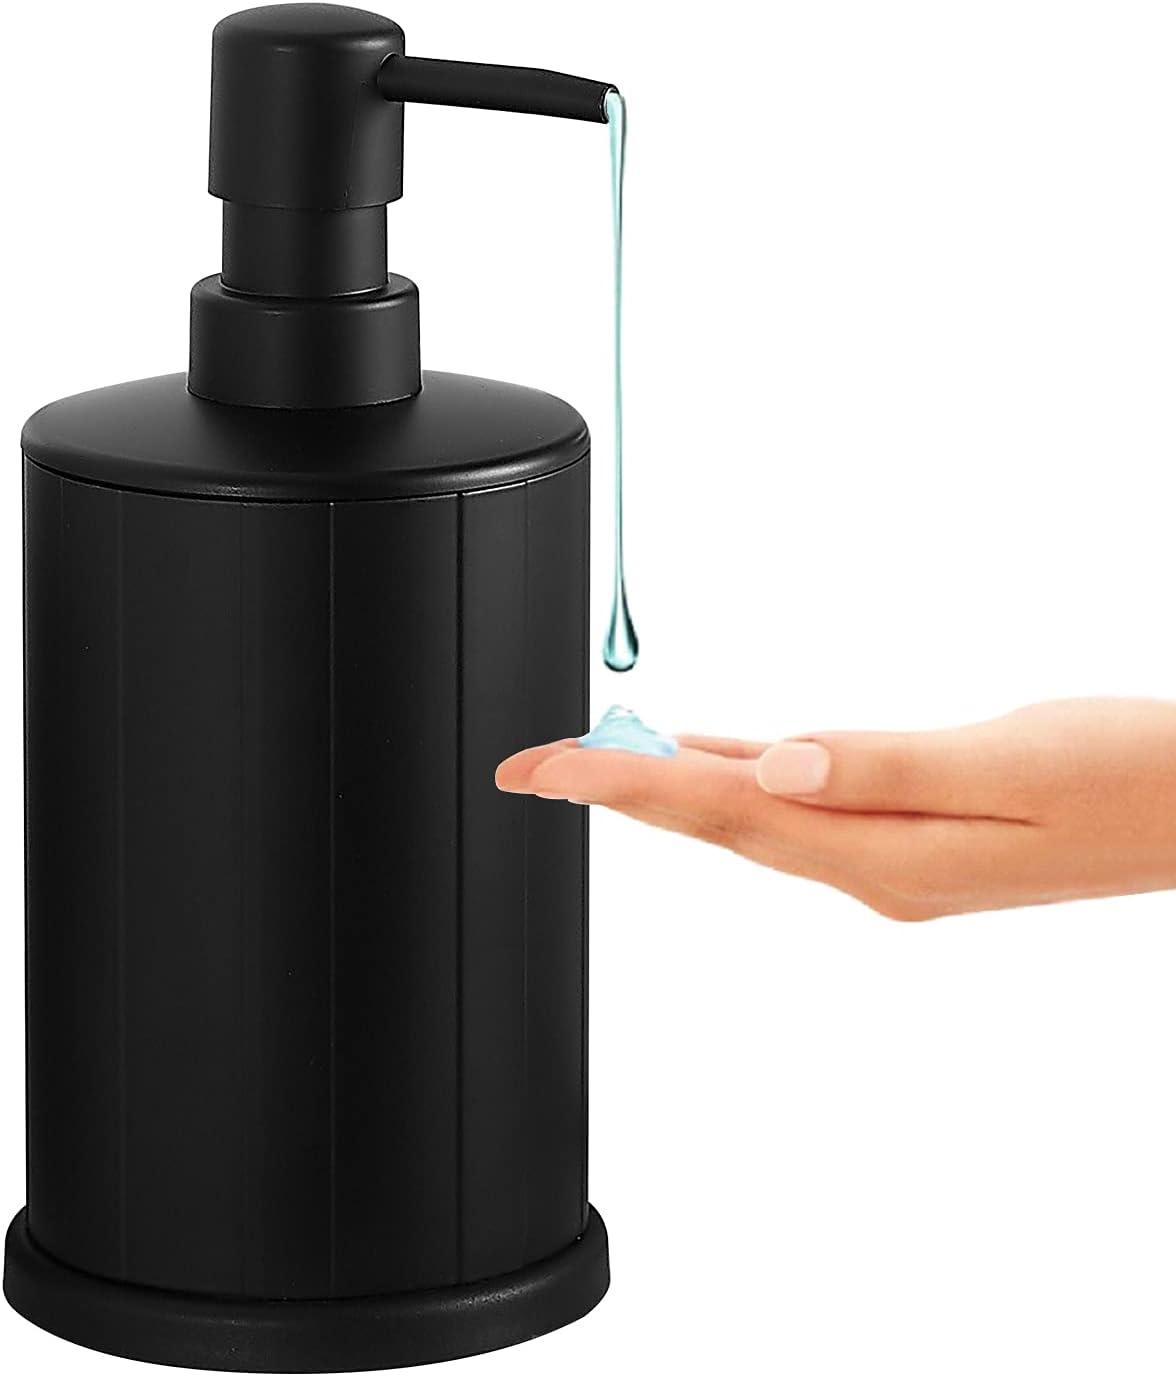 BVL Dispensador de jabón Negro, Botella con Bomba de 240/500 ml, fácil de apretar, dispensador de jabón y loción de Metal antioxidante (500ML)